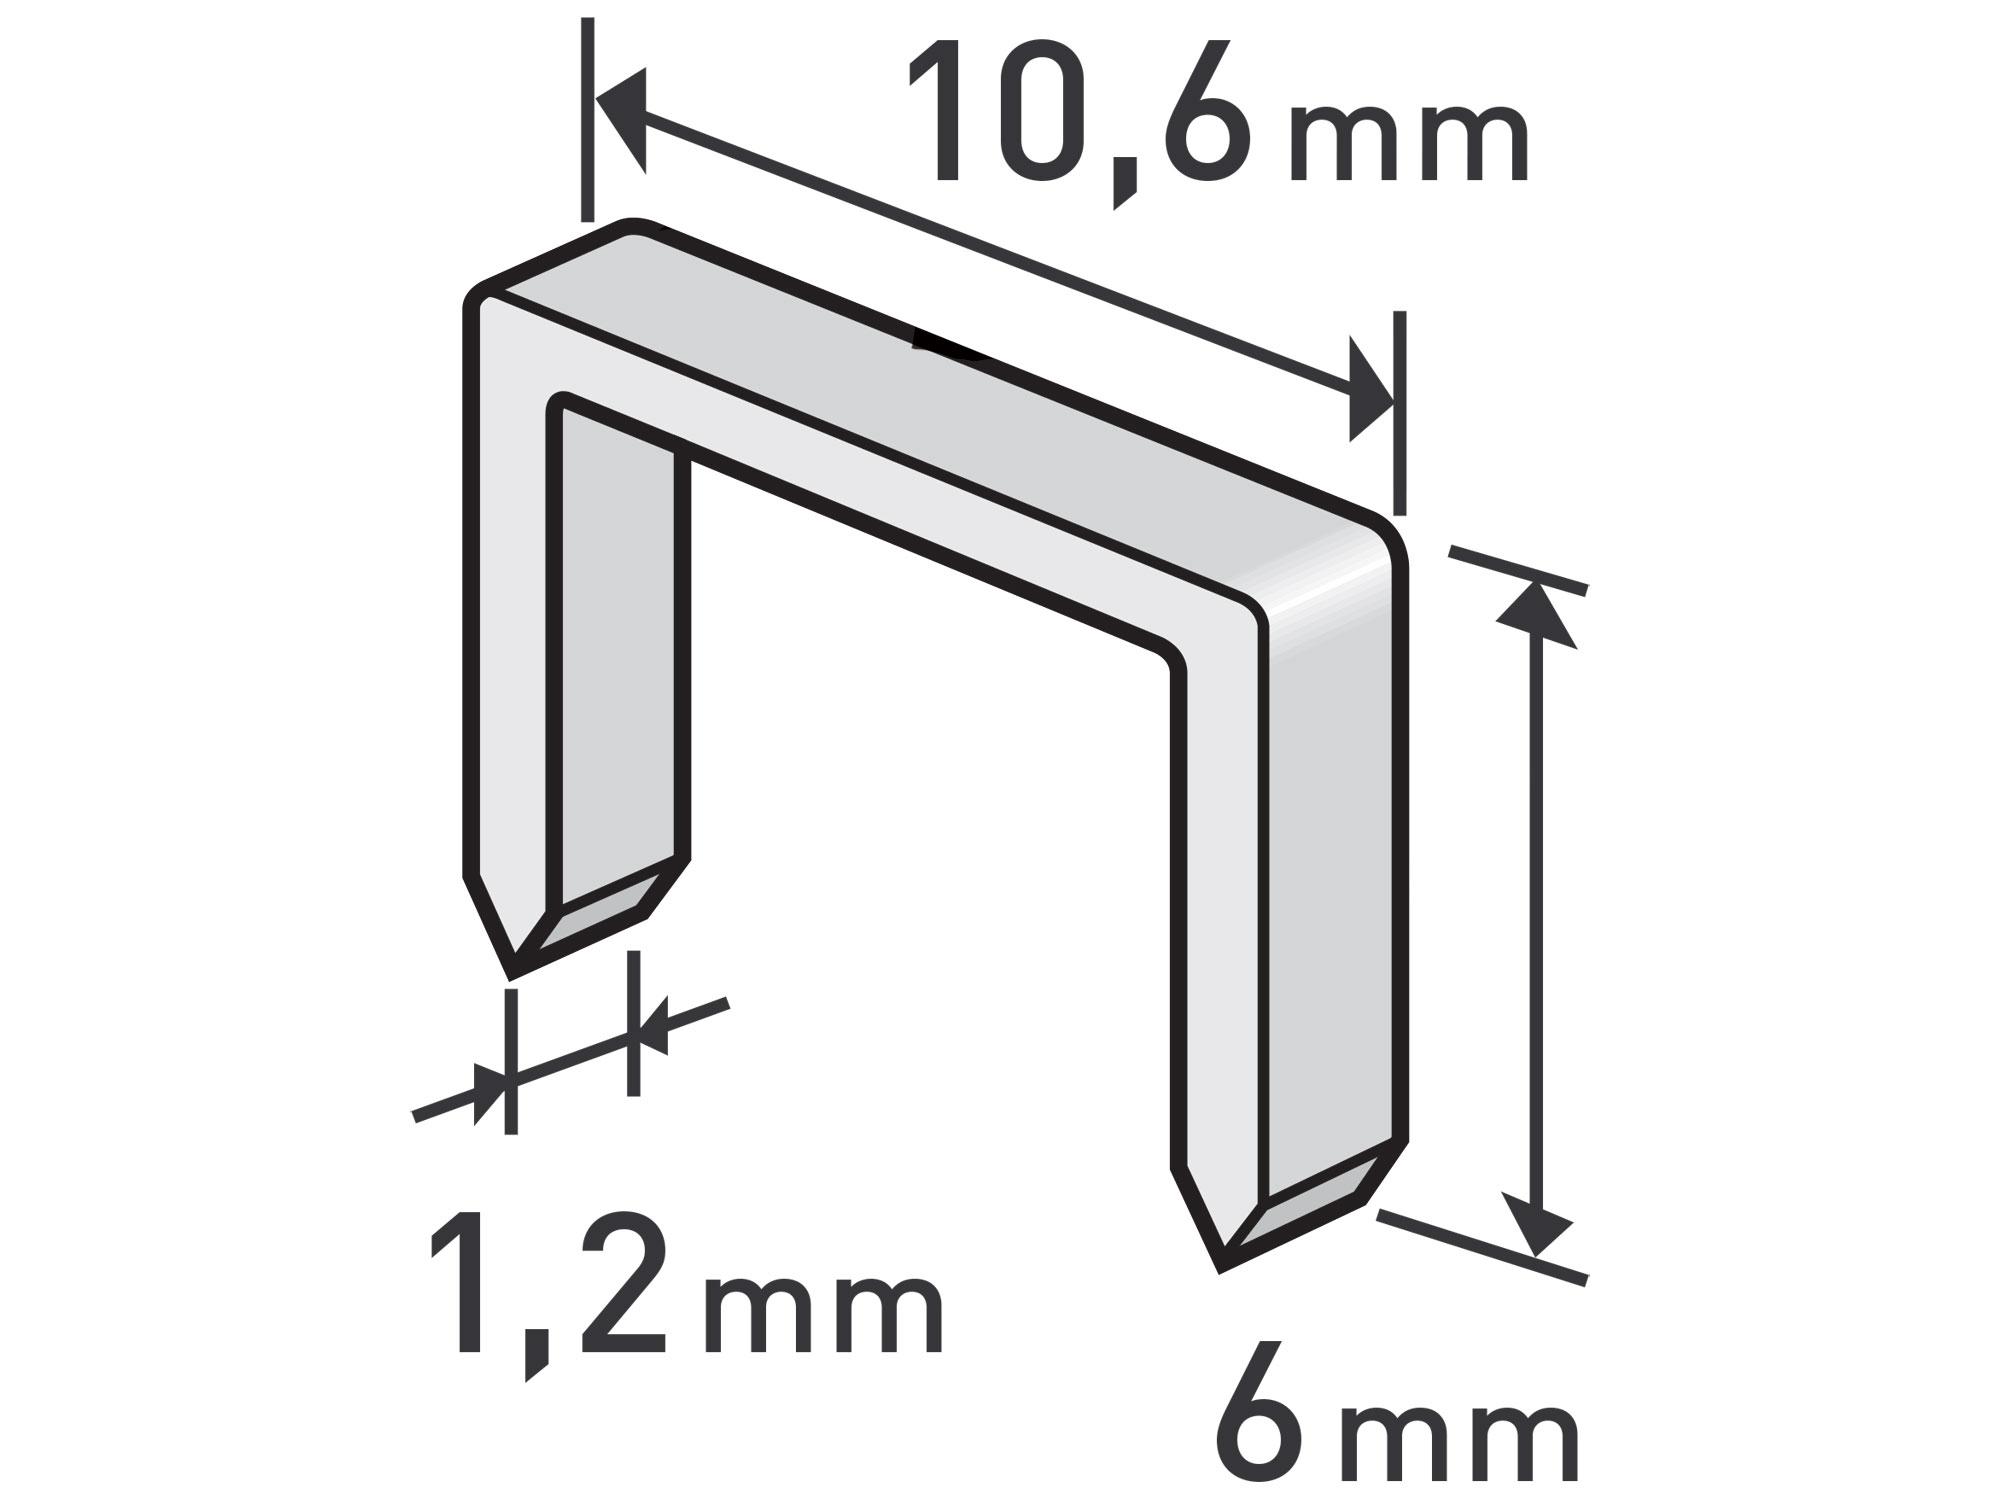 spony, balení 1000ks, 6mm, 10,6x0,52x1,2mm, EXTOL PREMIUM 8852201